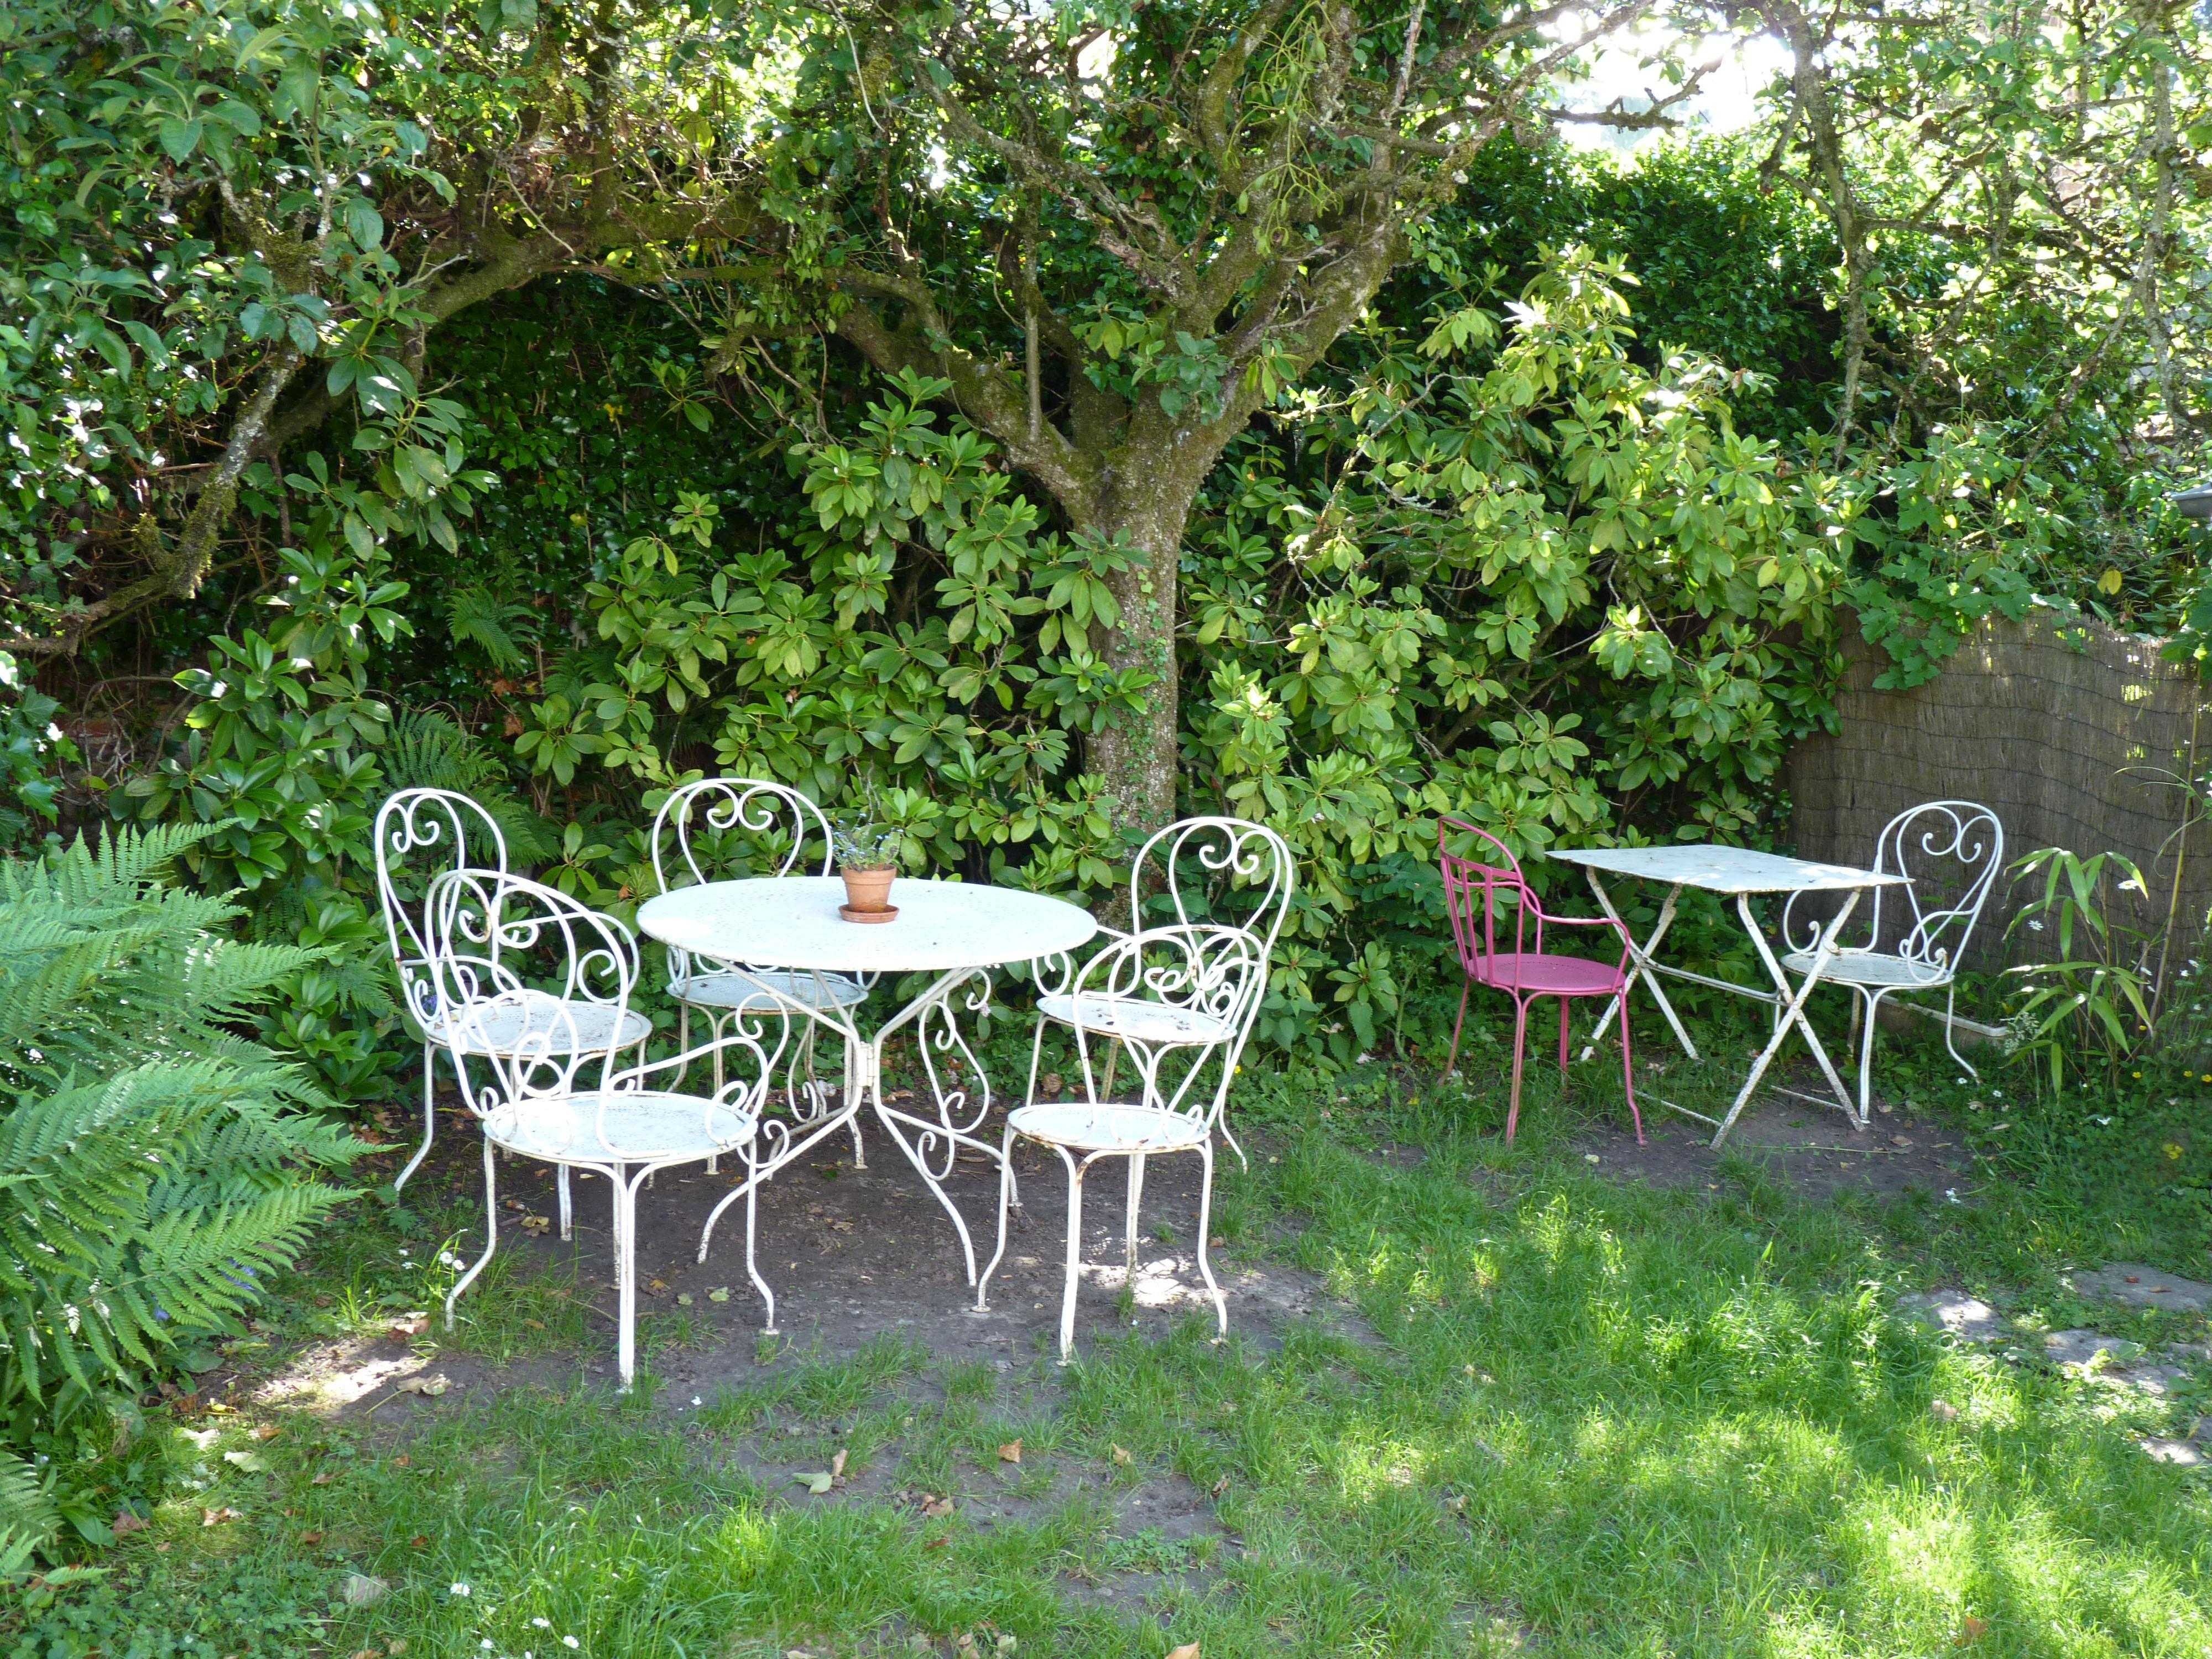 Fotos gratis : naturaleza, césped, flor, cabaña, patio interior ...